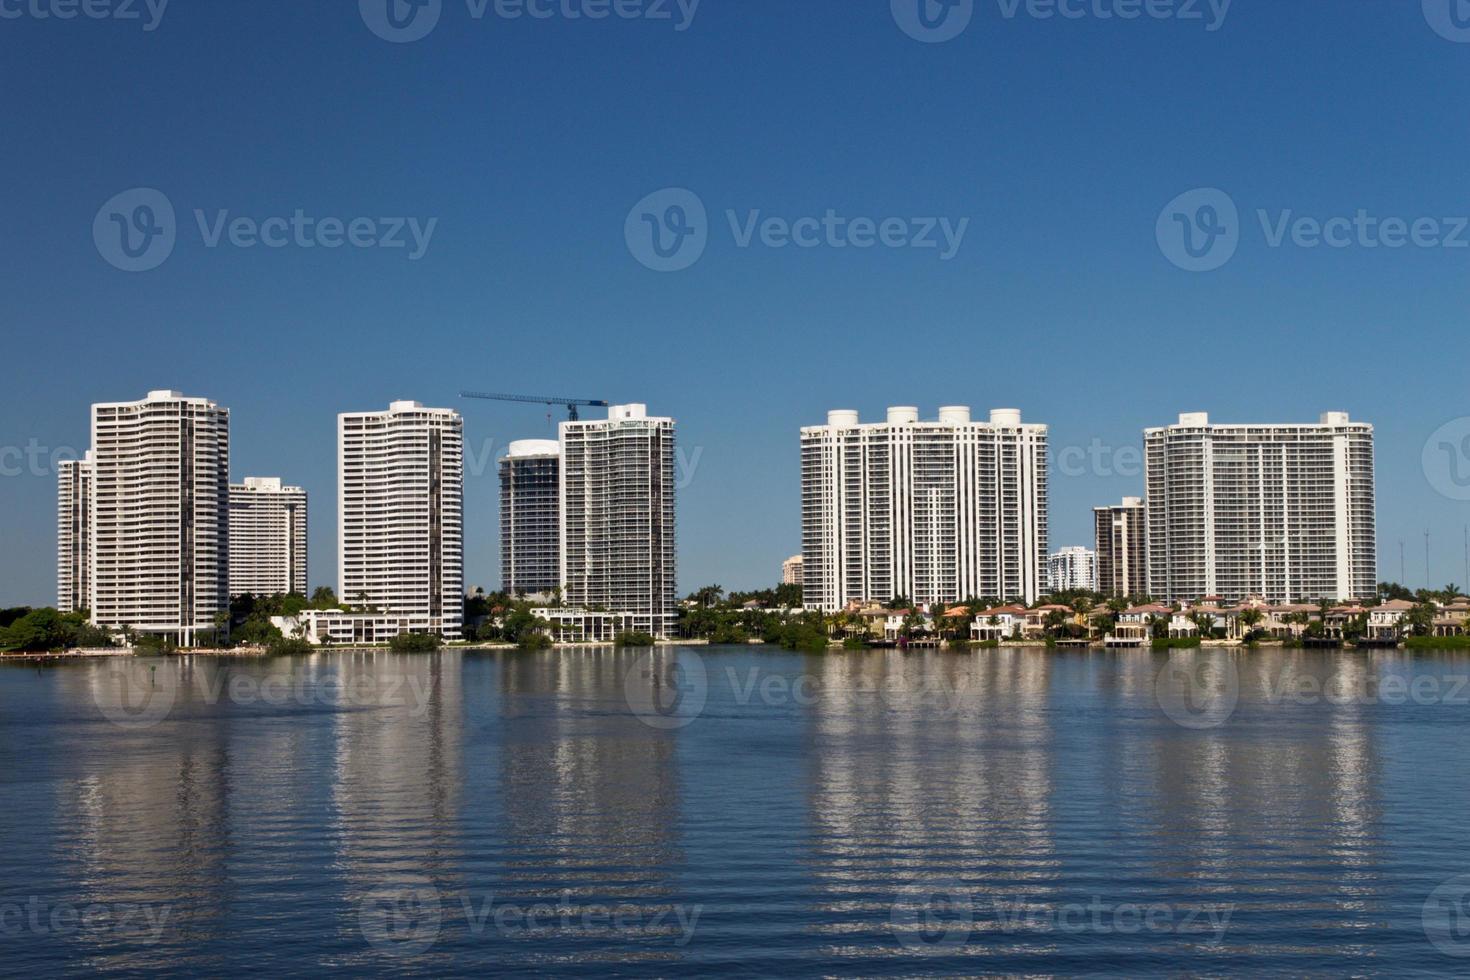 edifícios do condomínio em miami, flórida. foto